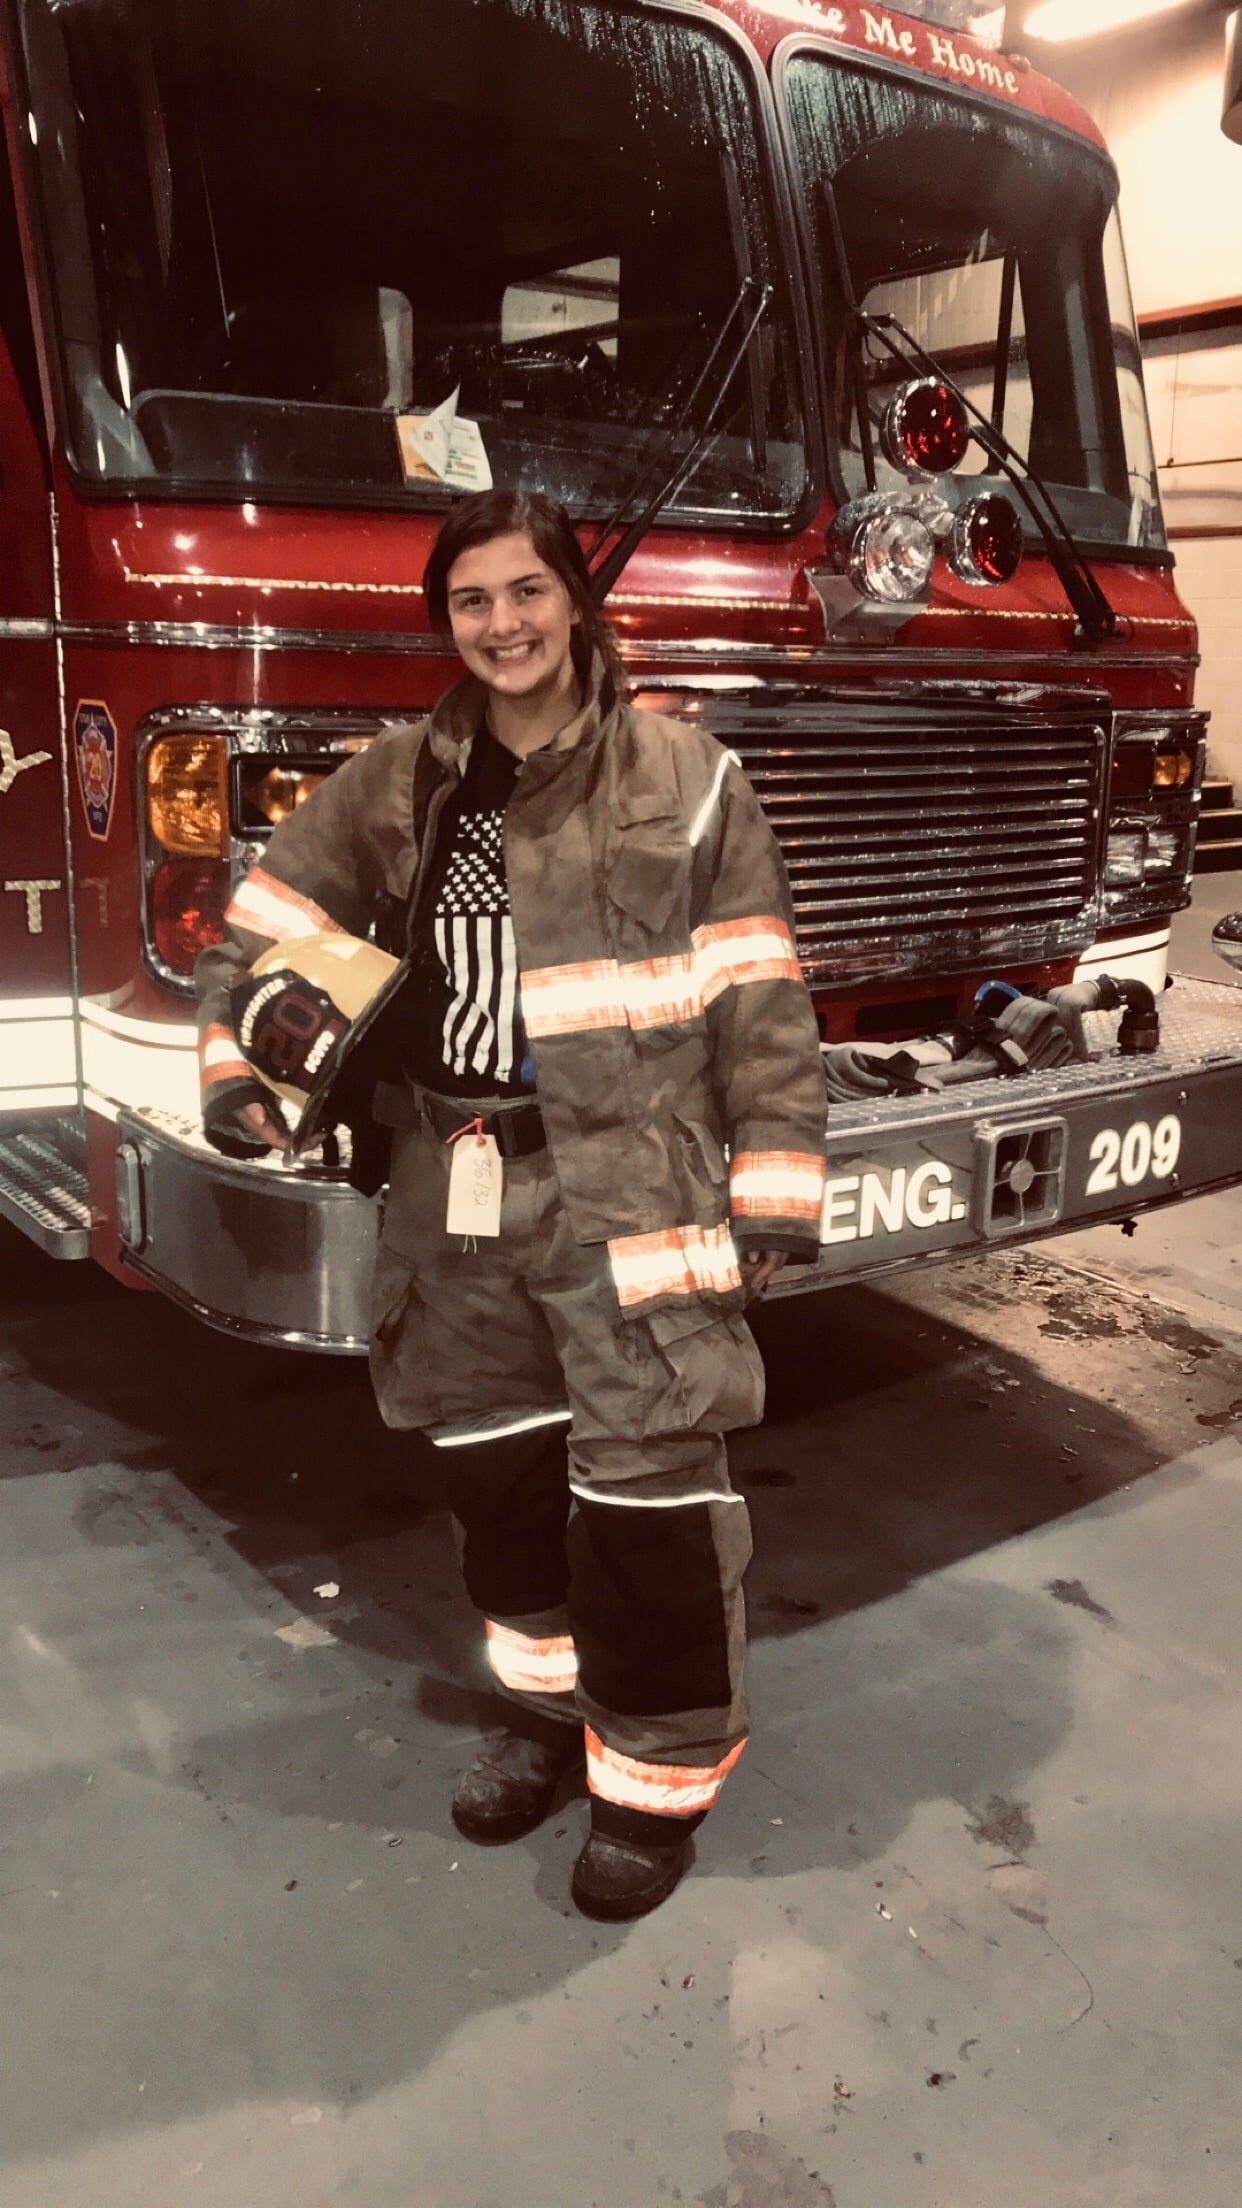 Abigail in firefighter uniform